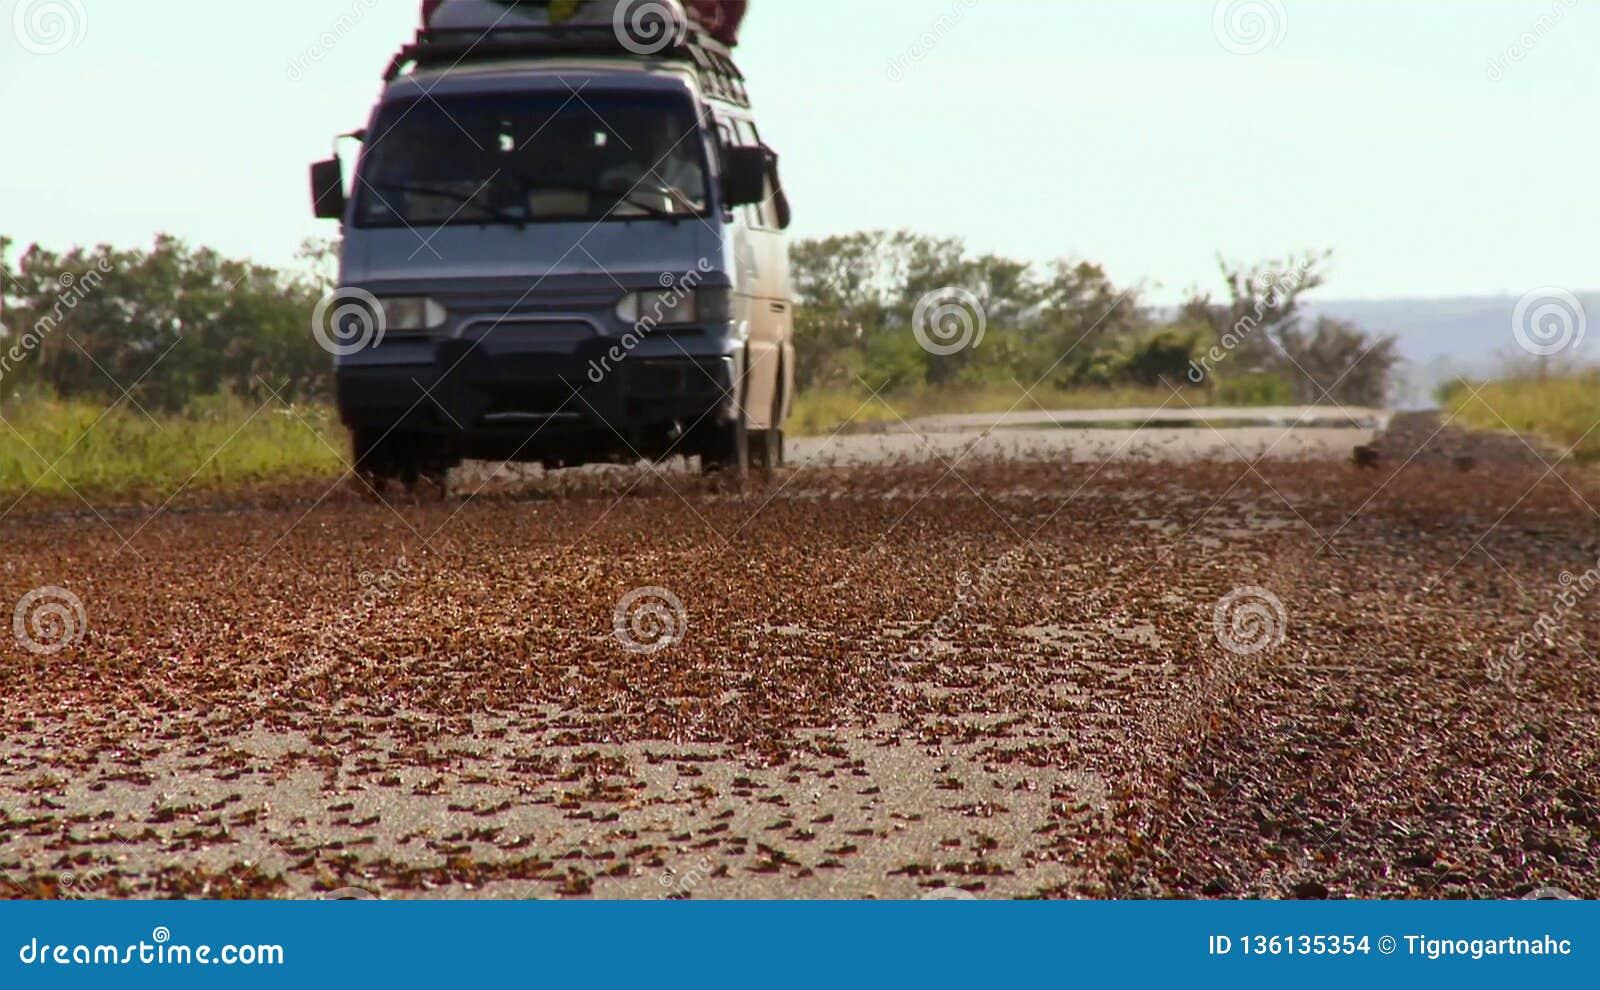 Нашествие саранчей в Мадагаскаре Задавили миллионы кузнечиков во время миграции на дороге